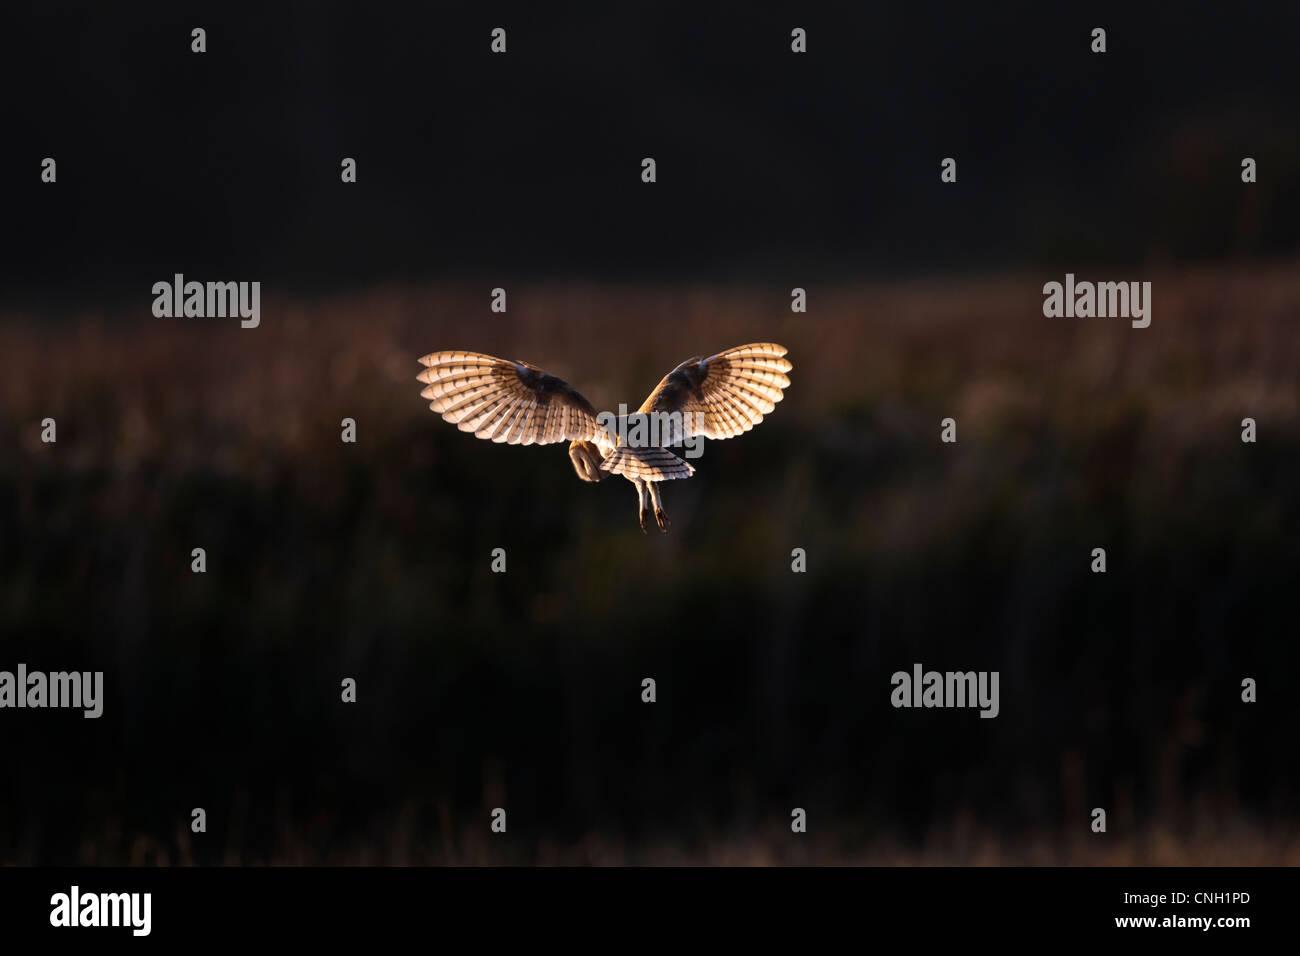 Eine Schleiereule, tyto Alba, im Flug und mit Hintergrundbeleuchtung von Dawn Licht Stockfoto